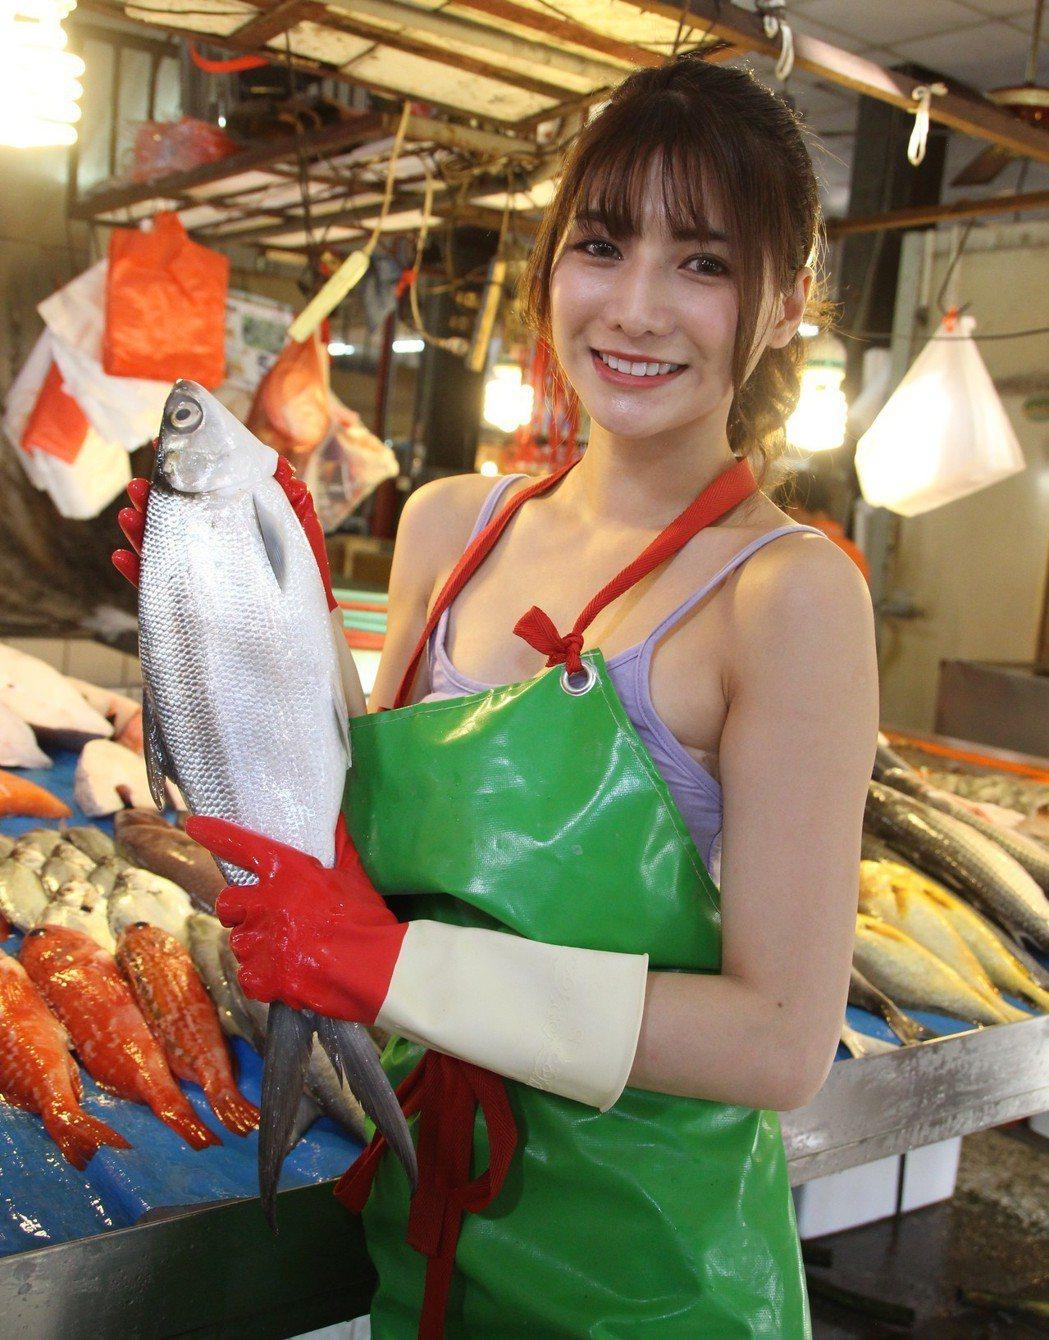 網紅阿澎外型出眾,買魚吸引民眾拍照。記者林敬家/攝影